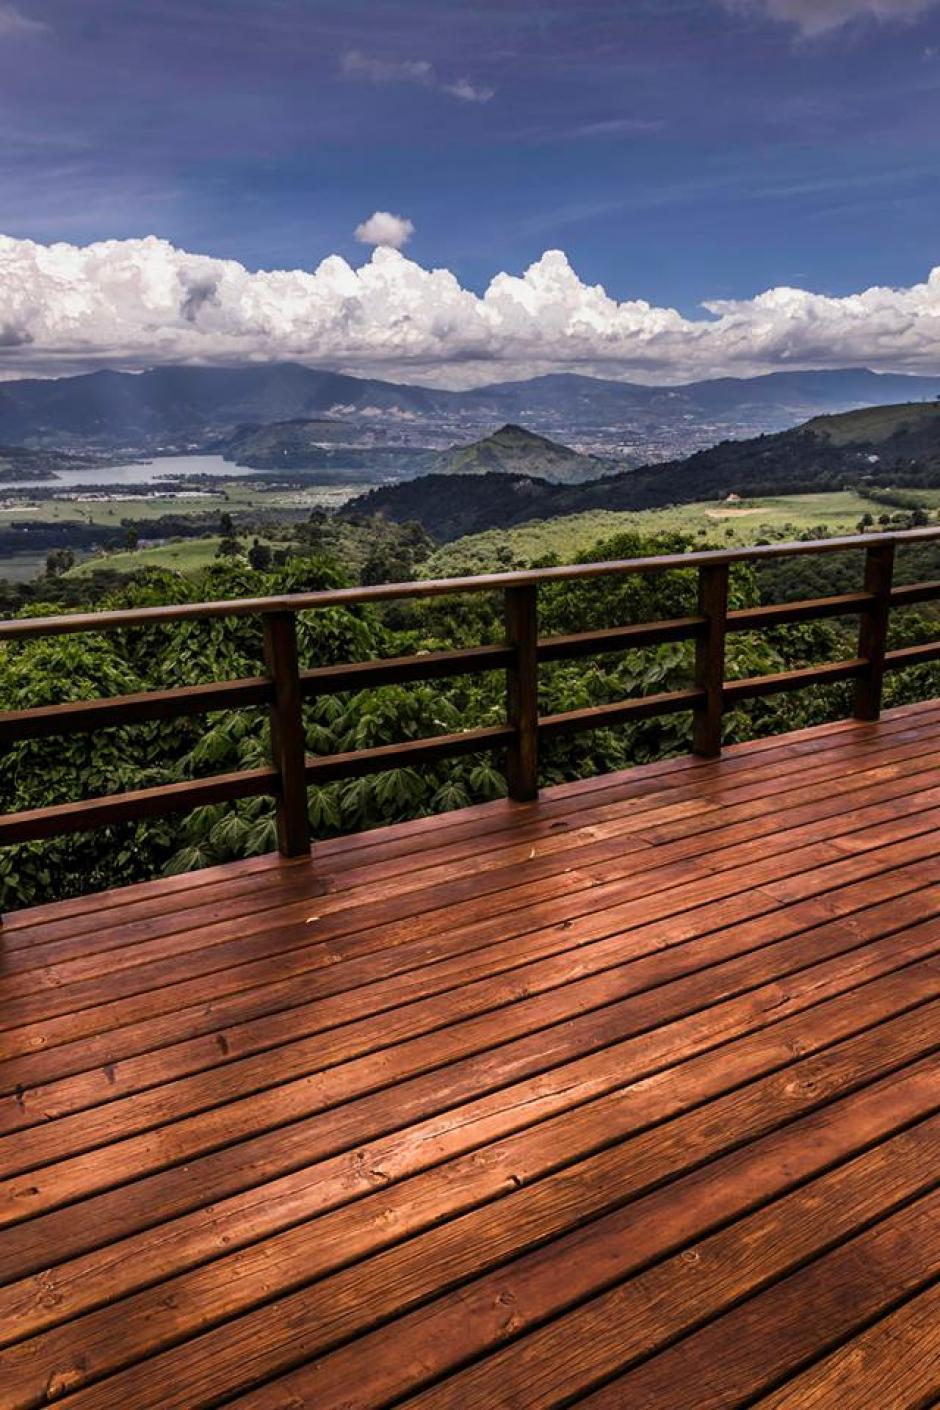 Imagen del hermoso Lago de Amatitlán, captada desde Santa Elena Barillas. Desde el 1 de mayo, este municipio celebra la fiesta que se centra en su maravilloso lago.(Foto Marcelo Jiménez/www.facebook.com/MarceloJimenezFotografia)